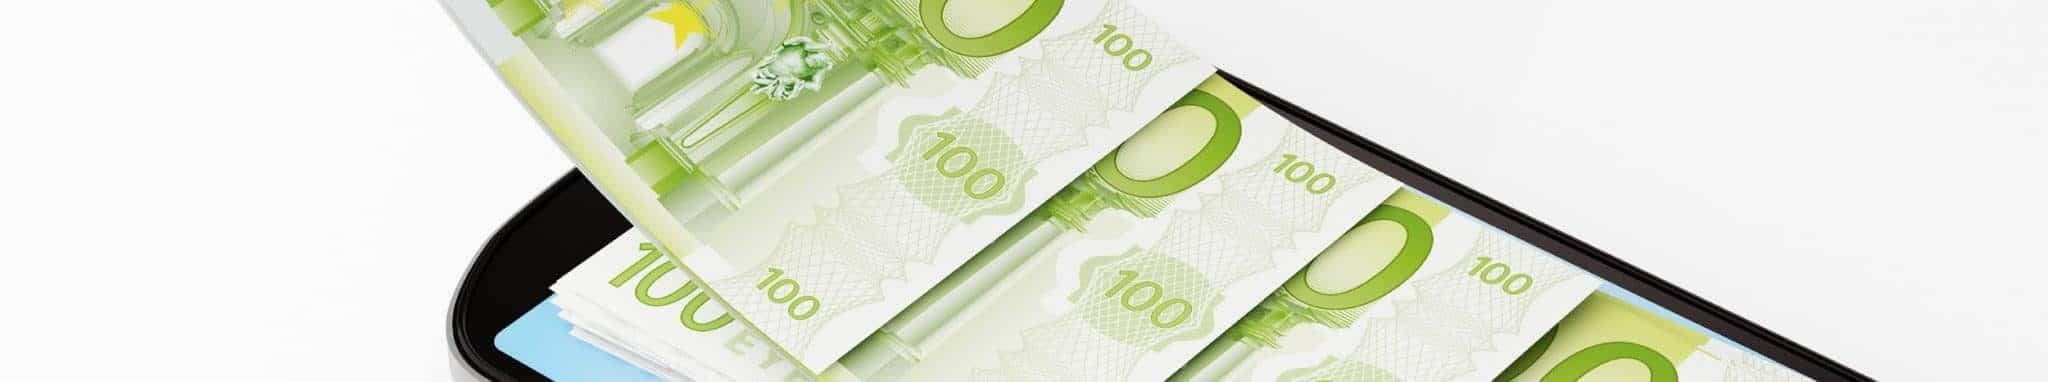 Neue Wettbewerber und Zukunftsmarktchancen im Payment-Markt